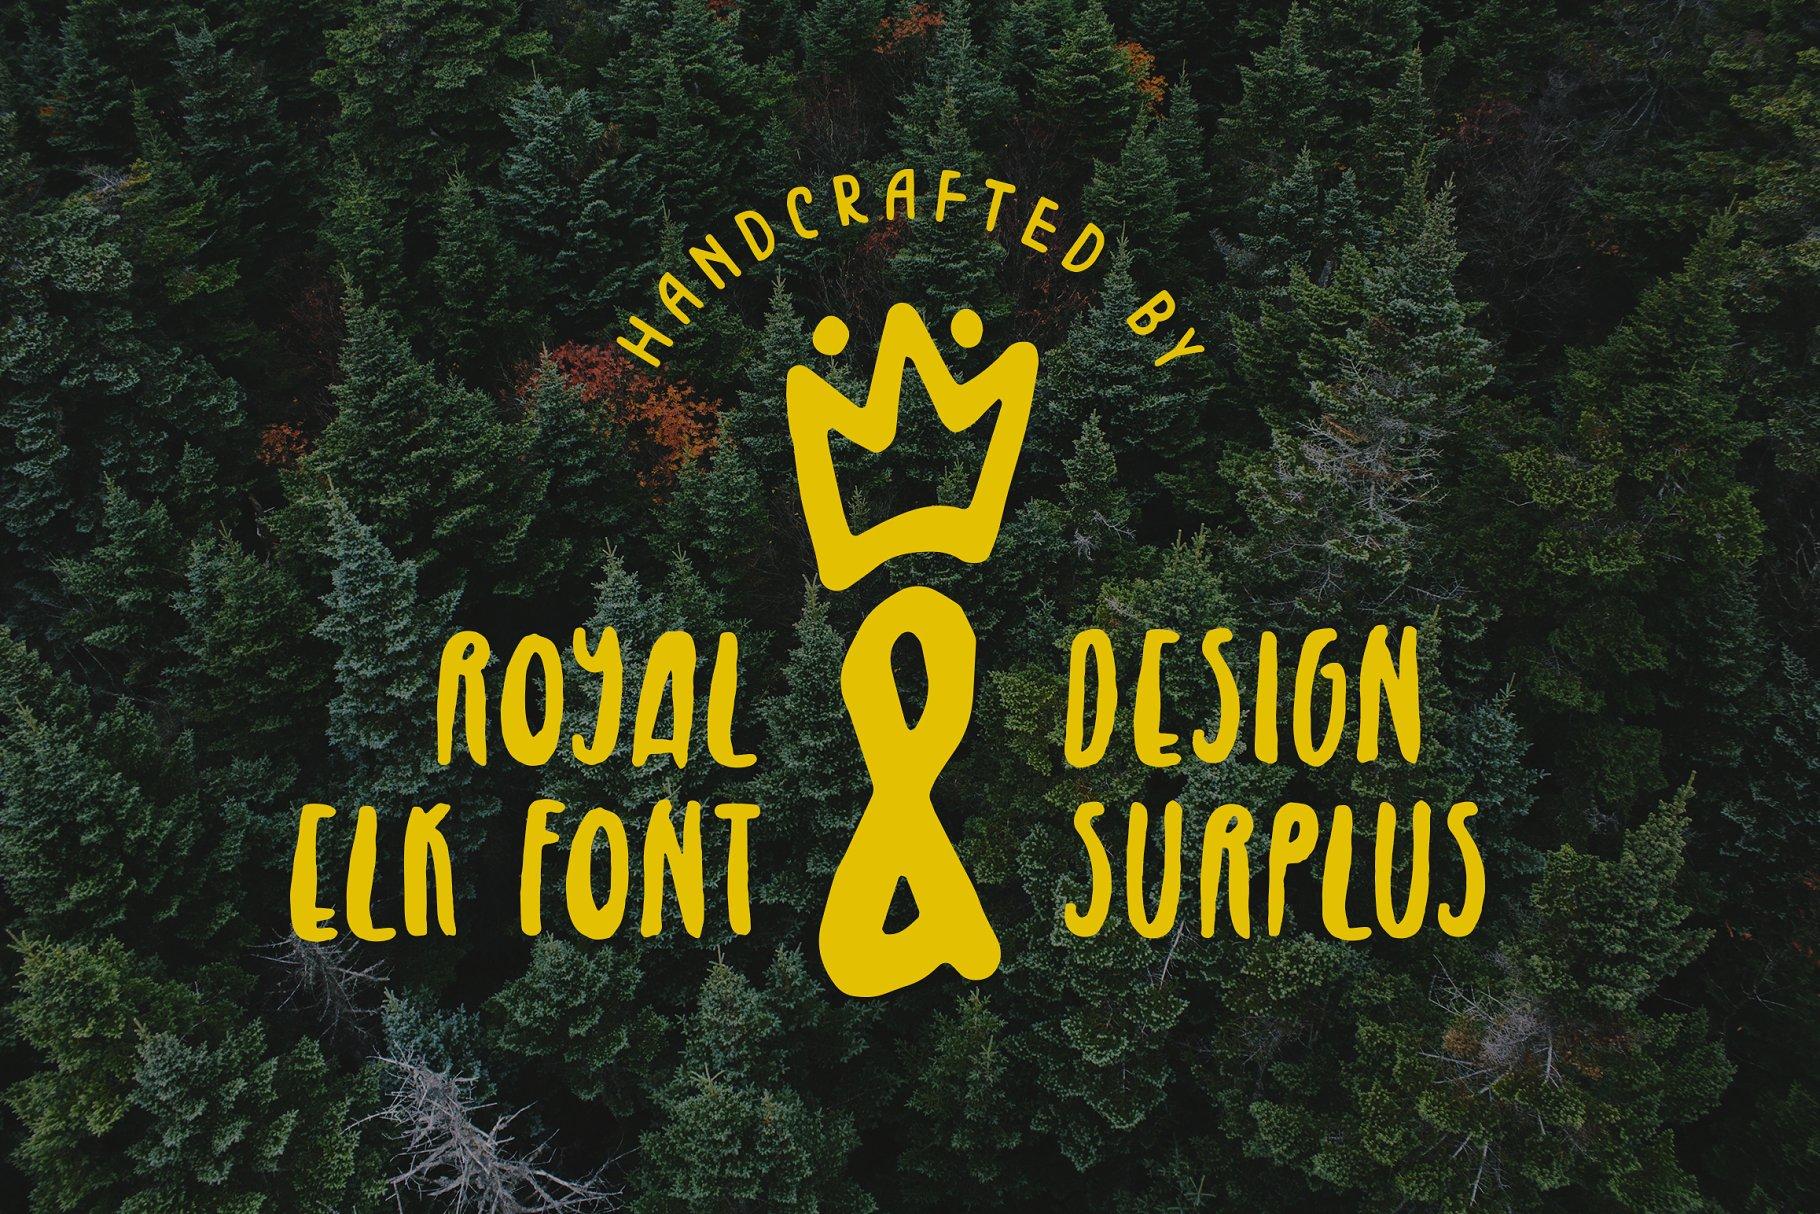 皇家麋鹿手写字体 Royal Elk Font设计素材模板